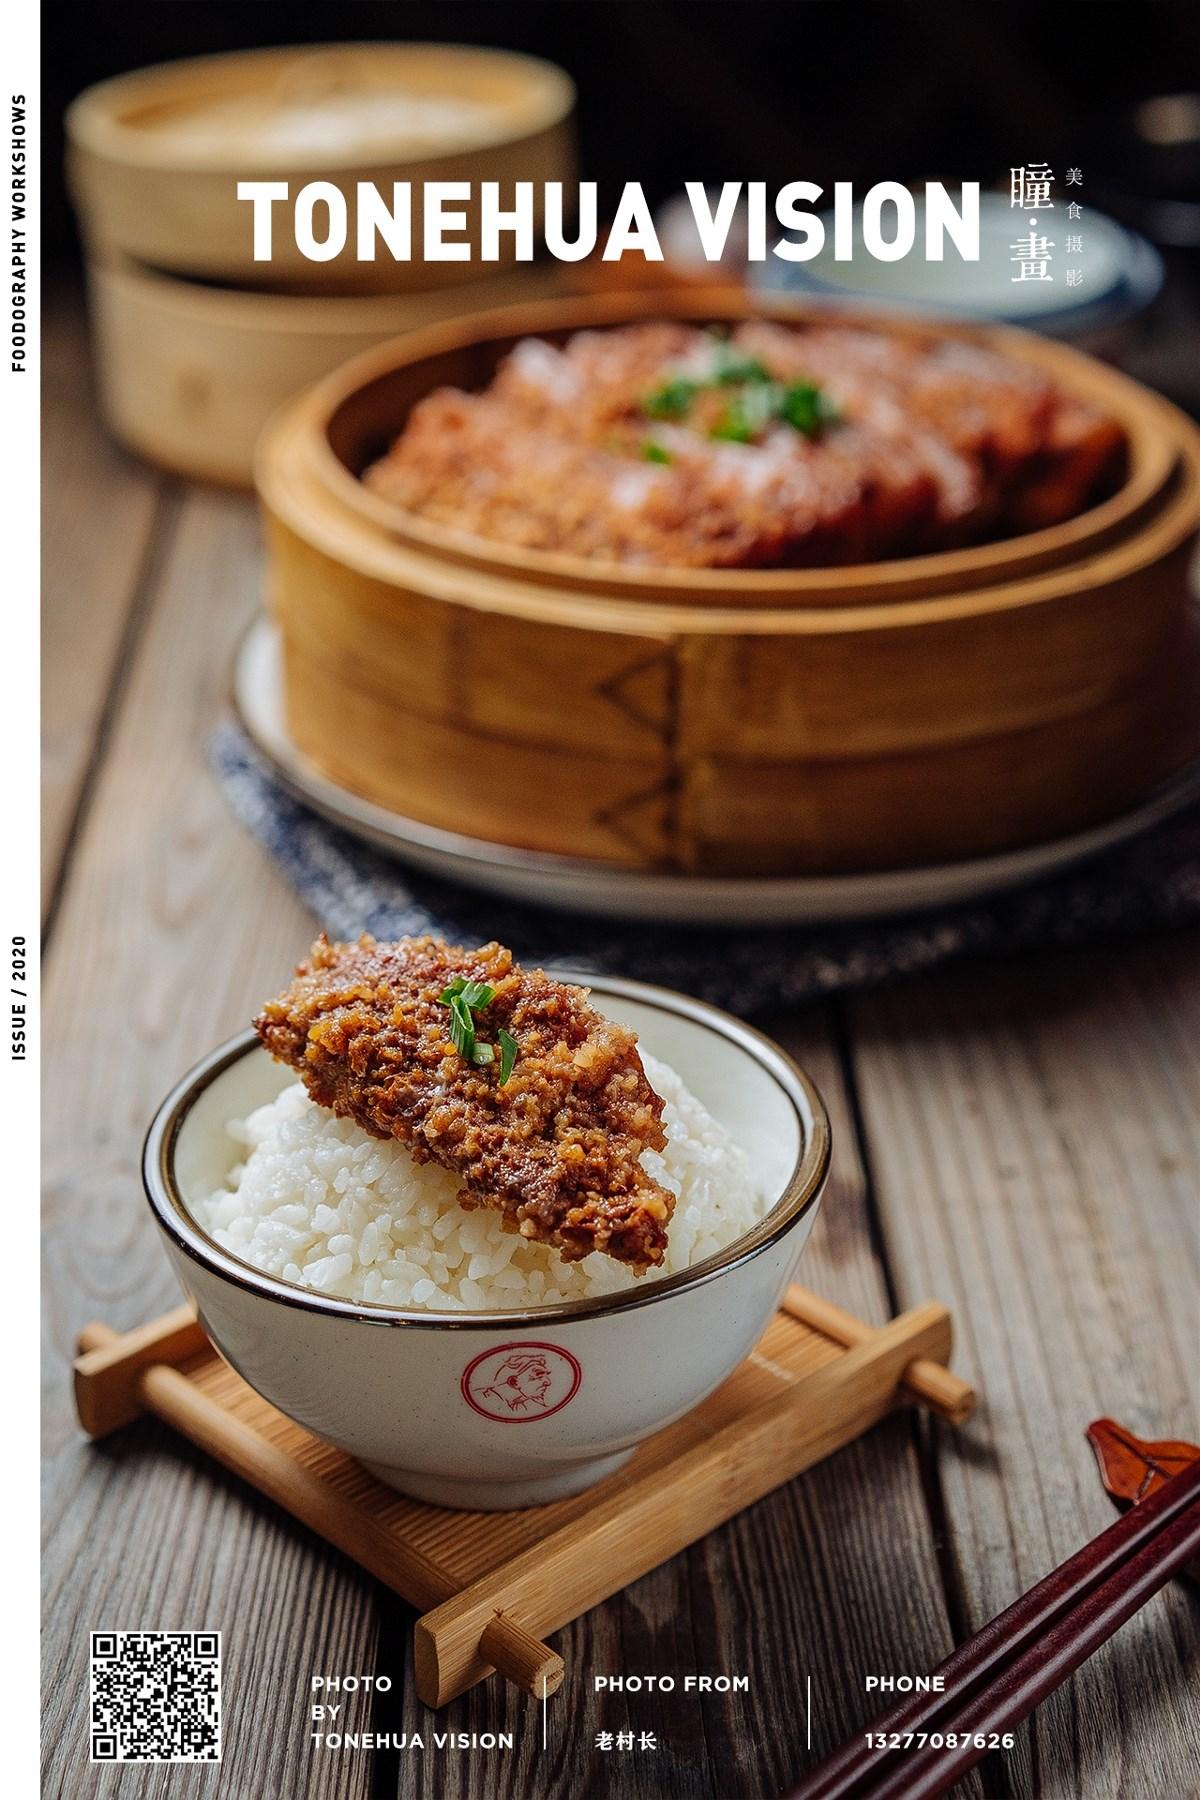 武汉美食摄影 食品拍摄 外卖_菜单_摄影  瞳画视觉美食摄影工作室